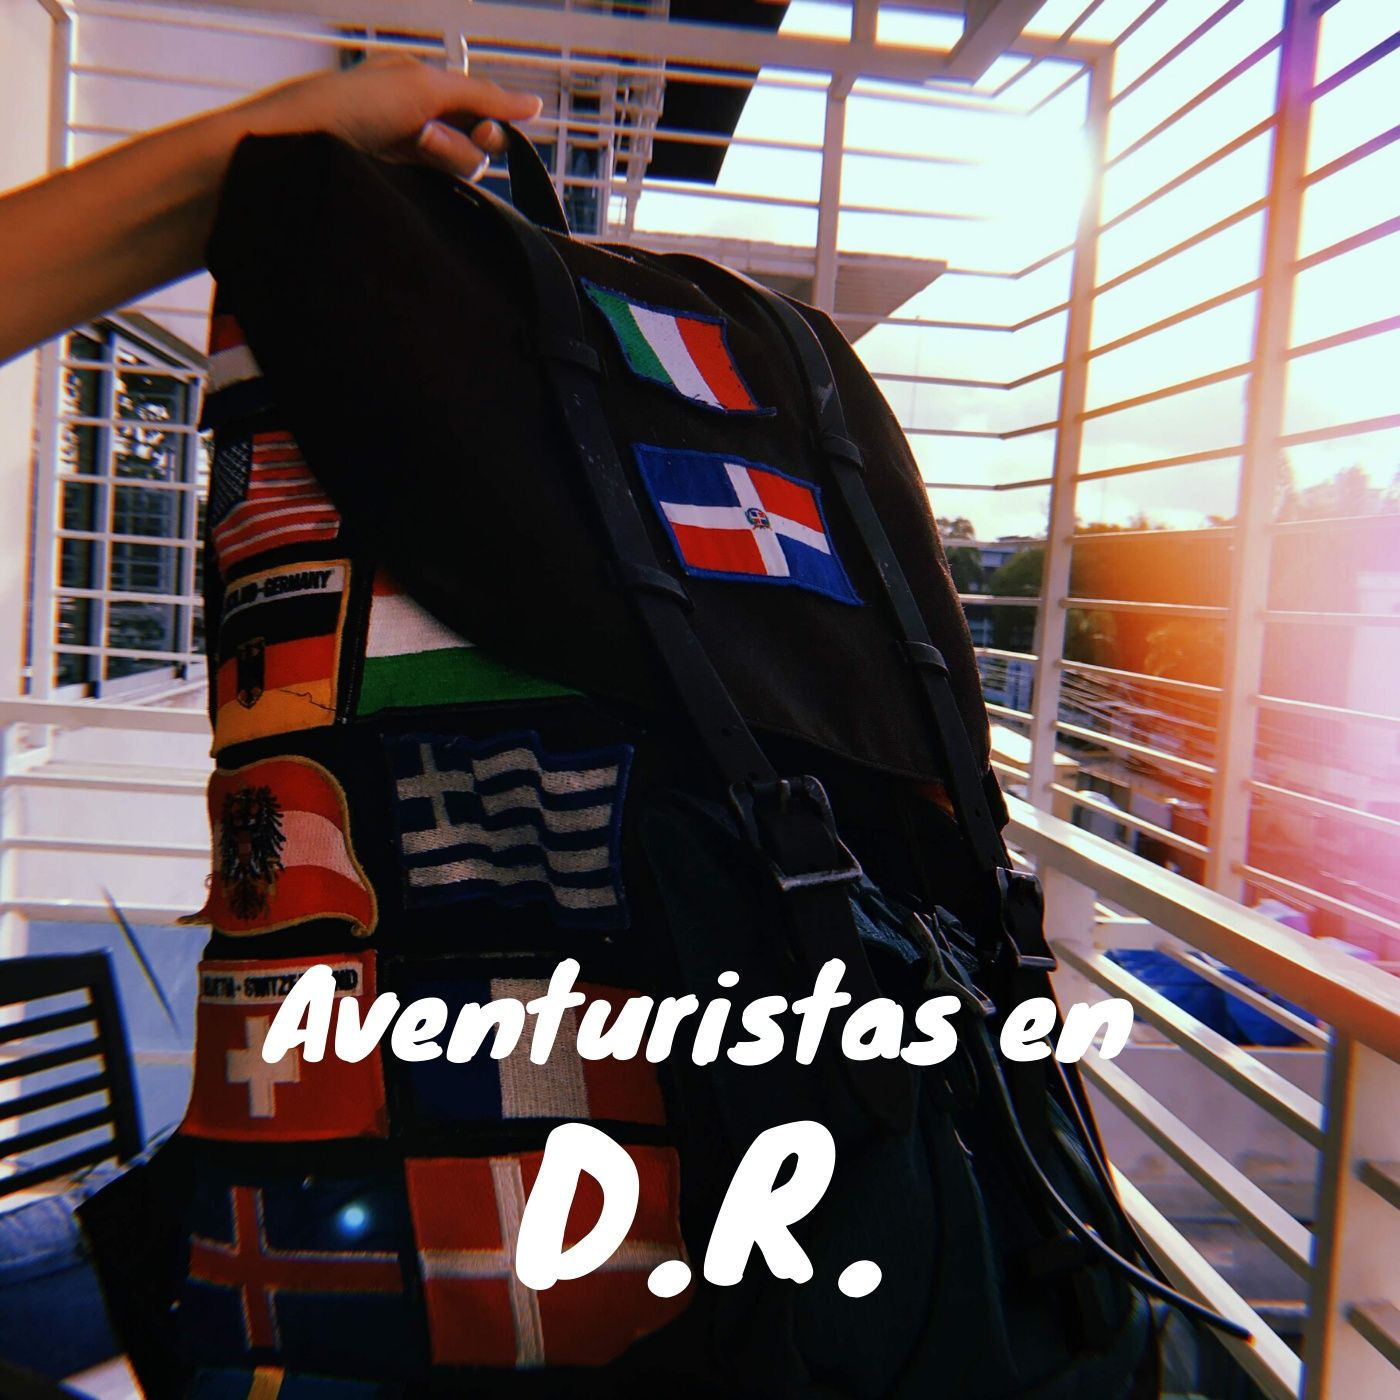 Aventuristas en D.R.